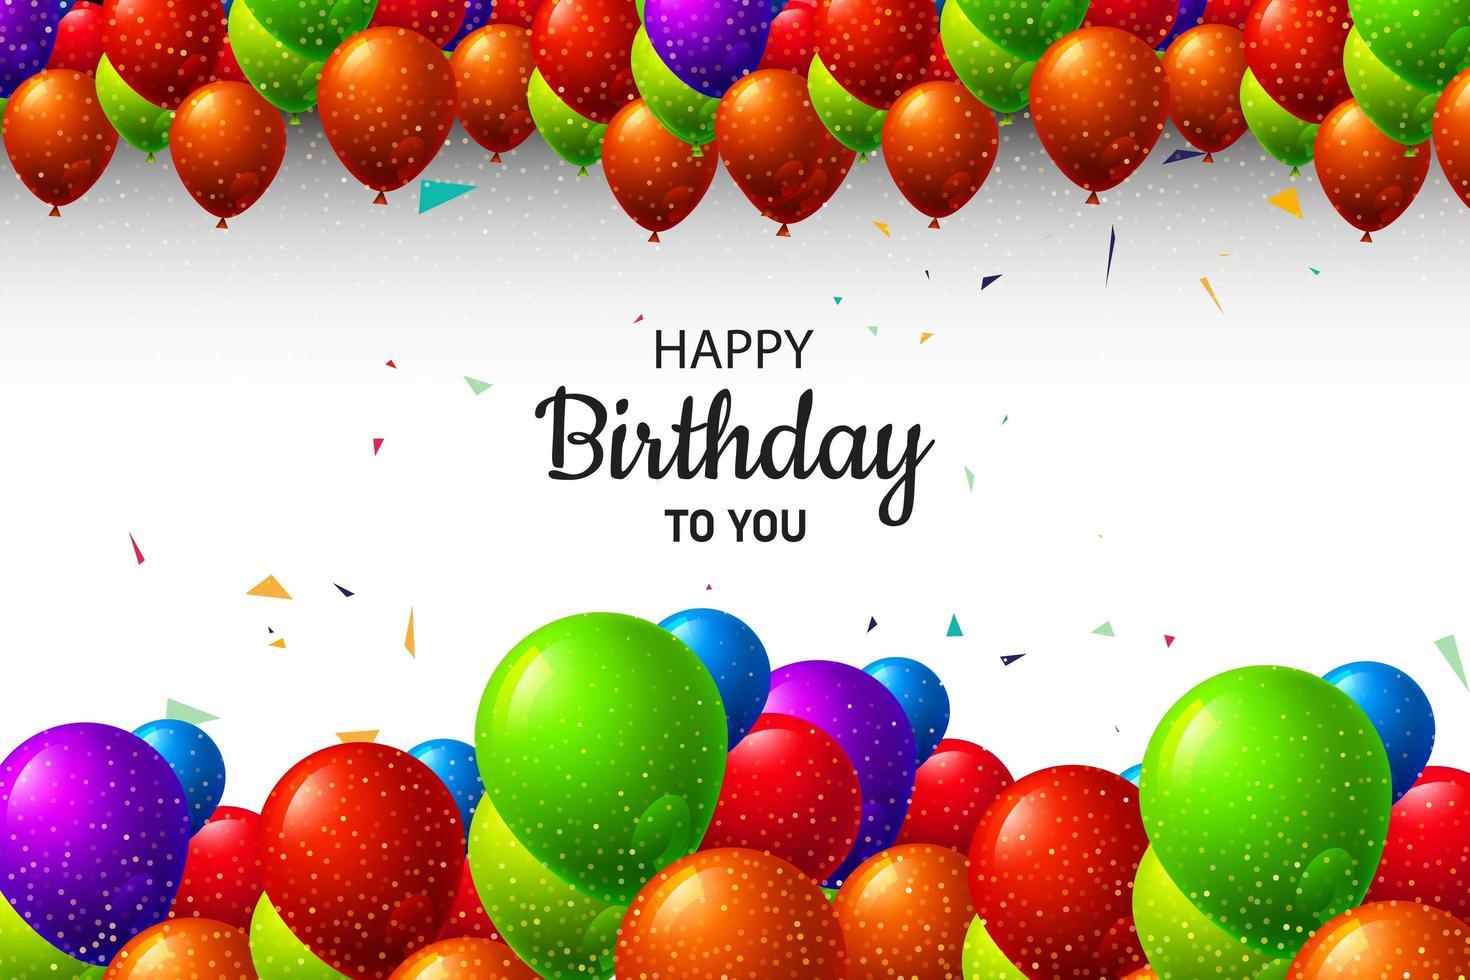 veelkleurige verjaardagsballons achtergrond met glitter vector